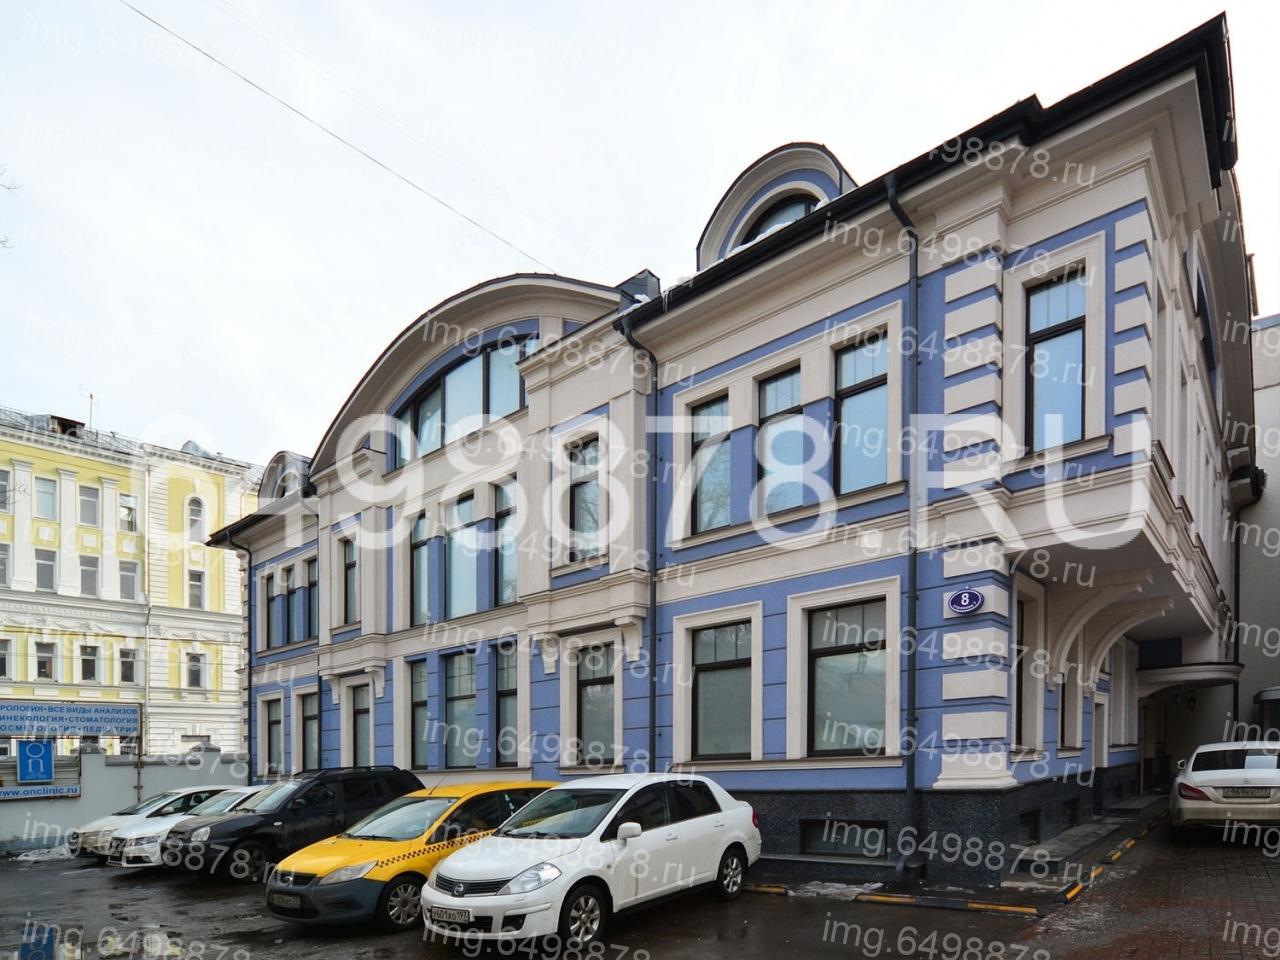 Воронцовская ул., 8, стр. 7